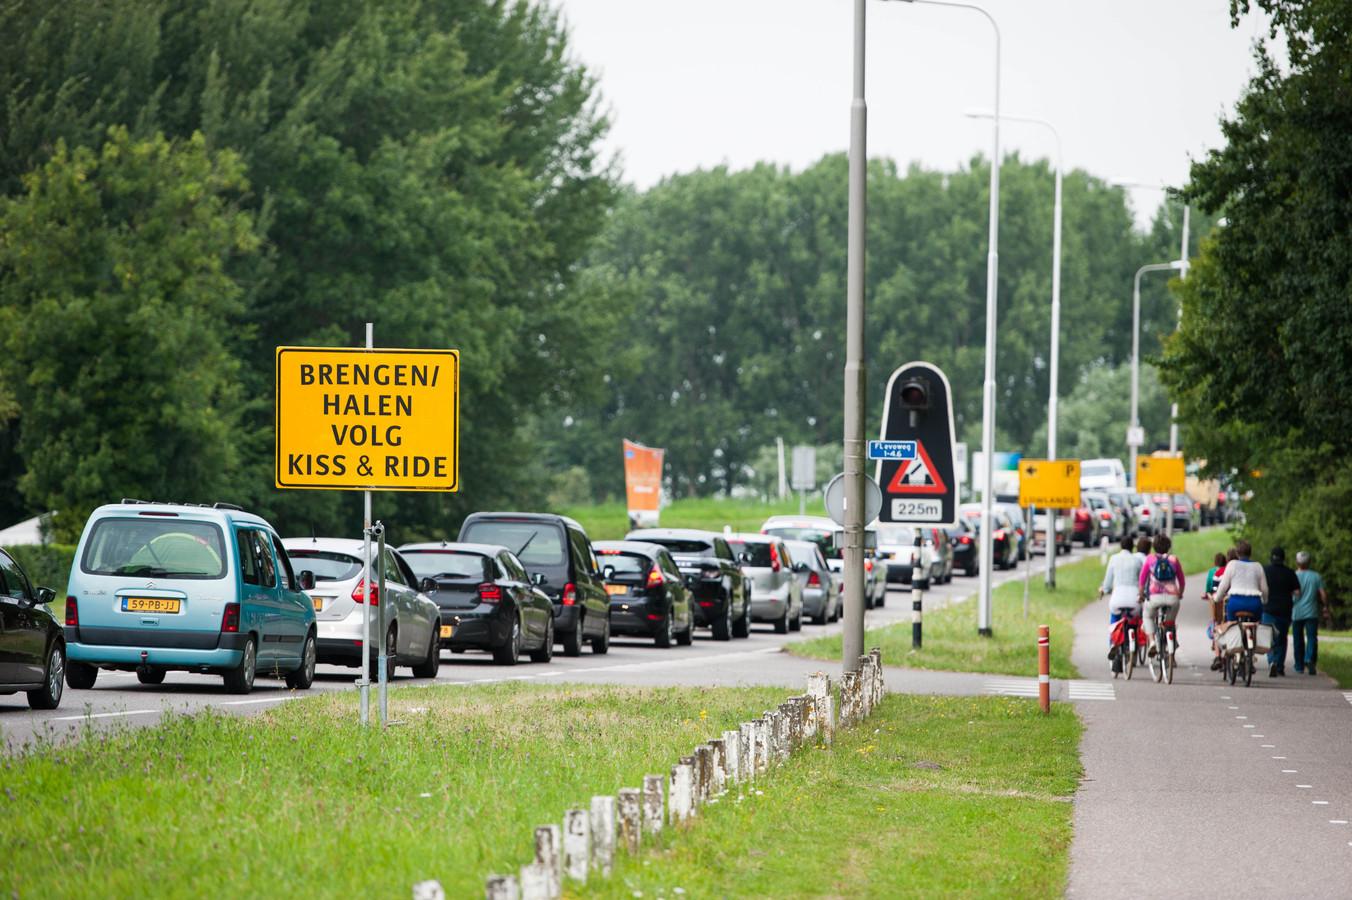 File op de wegen tijdens de uittocht van Lowlands. Het is een jaarlijks terugkerend fenomeen.